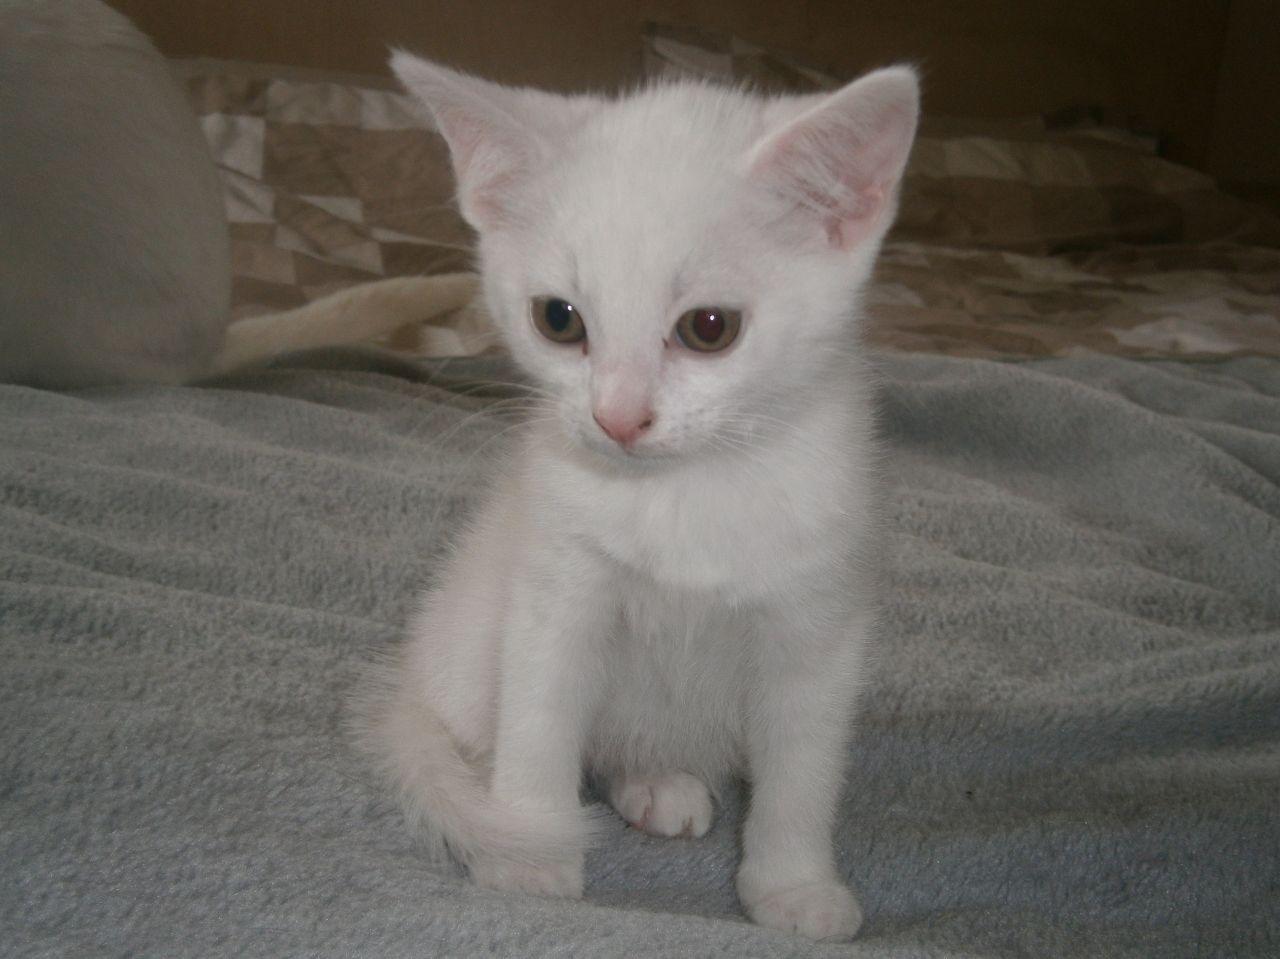 Russian White Kittens For Sale White kittens, White